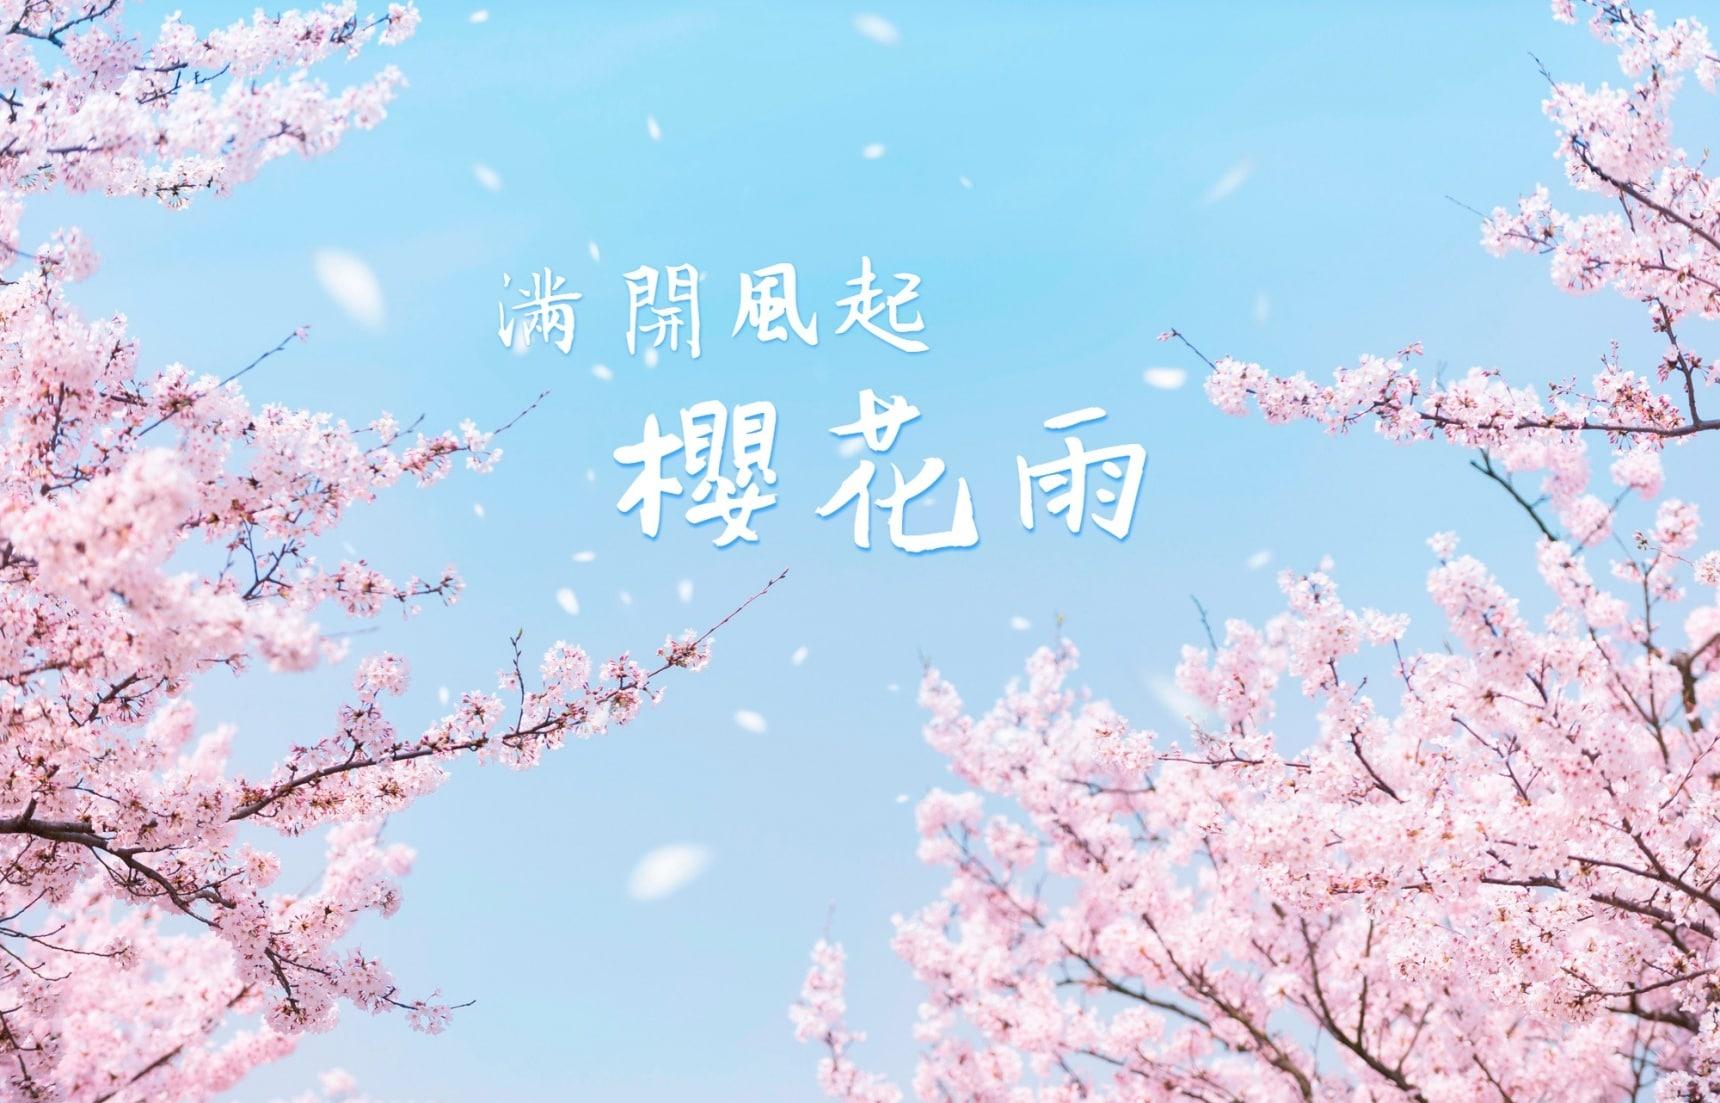 開花時間無所謂,滿開時間才重要! 2018賞櫻花期全攻略懶人包+日本最佳賞櫻10大名所